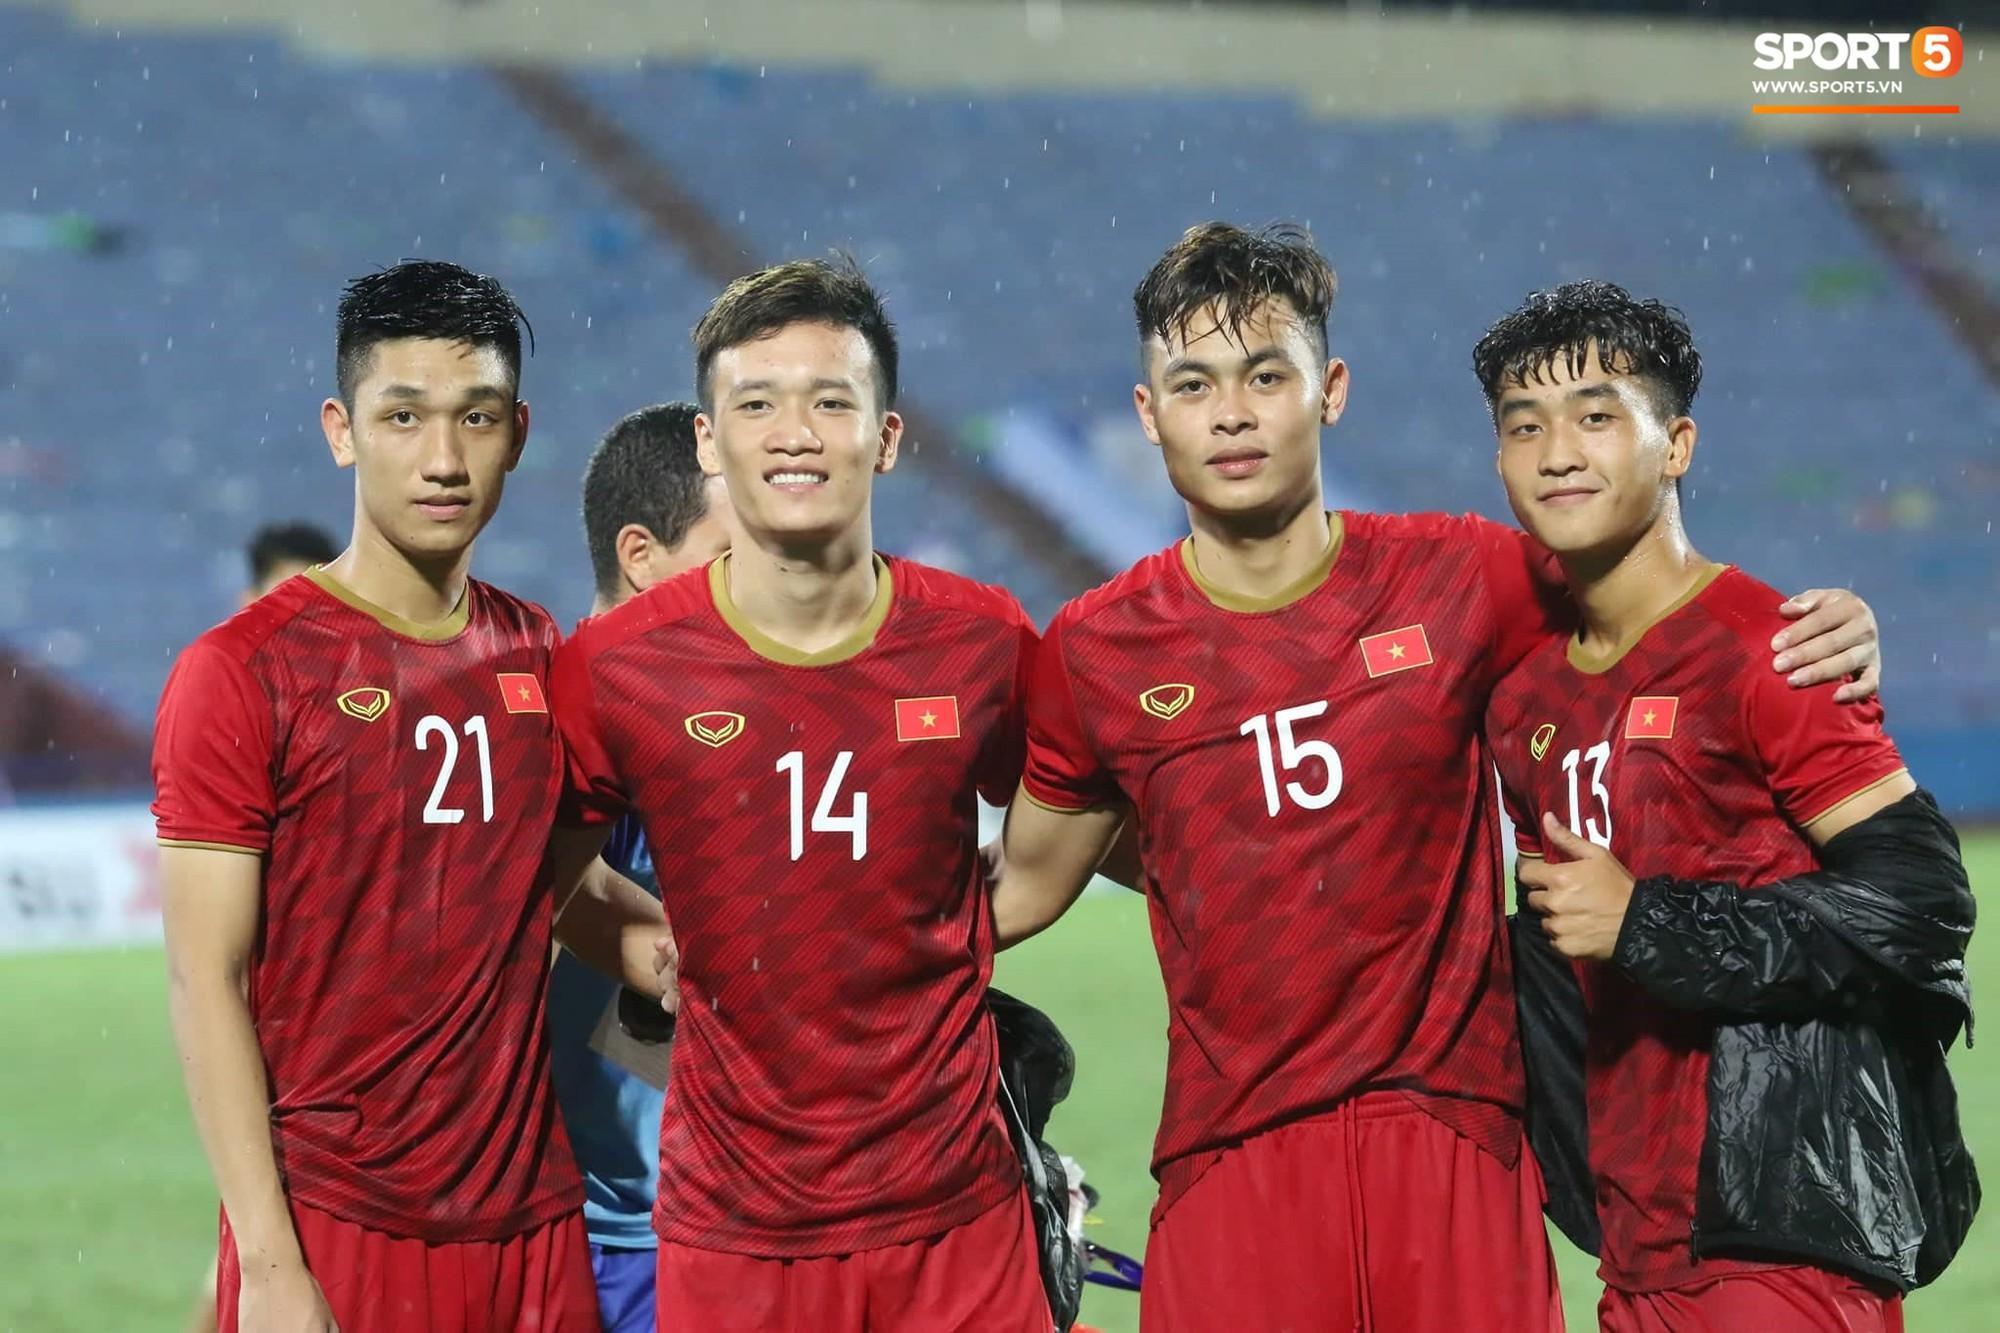 Hình ảnh cảm động: U23 Việt Nam đội mưa đi khắp khán đài cảm ơn người hâm mộ sau trận thắng U23 Myanmar - Ảnh 7.